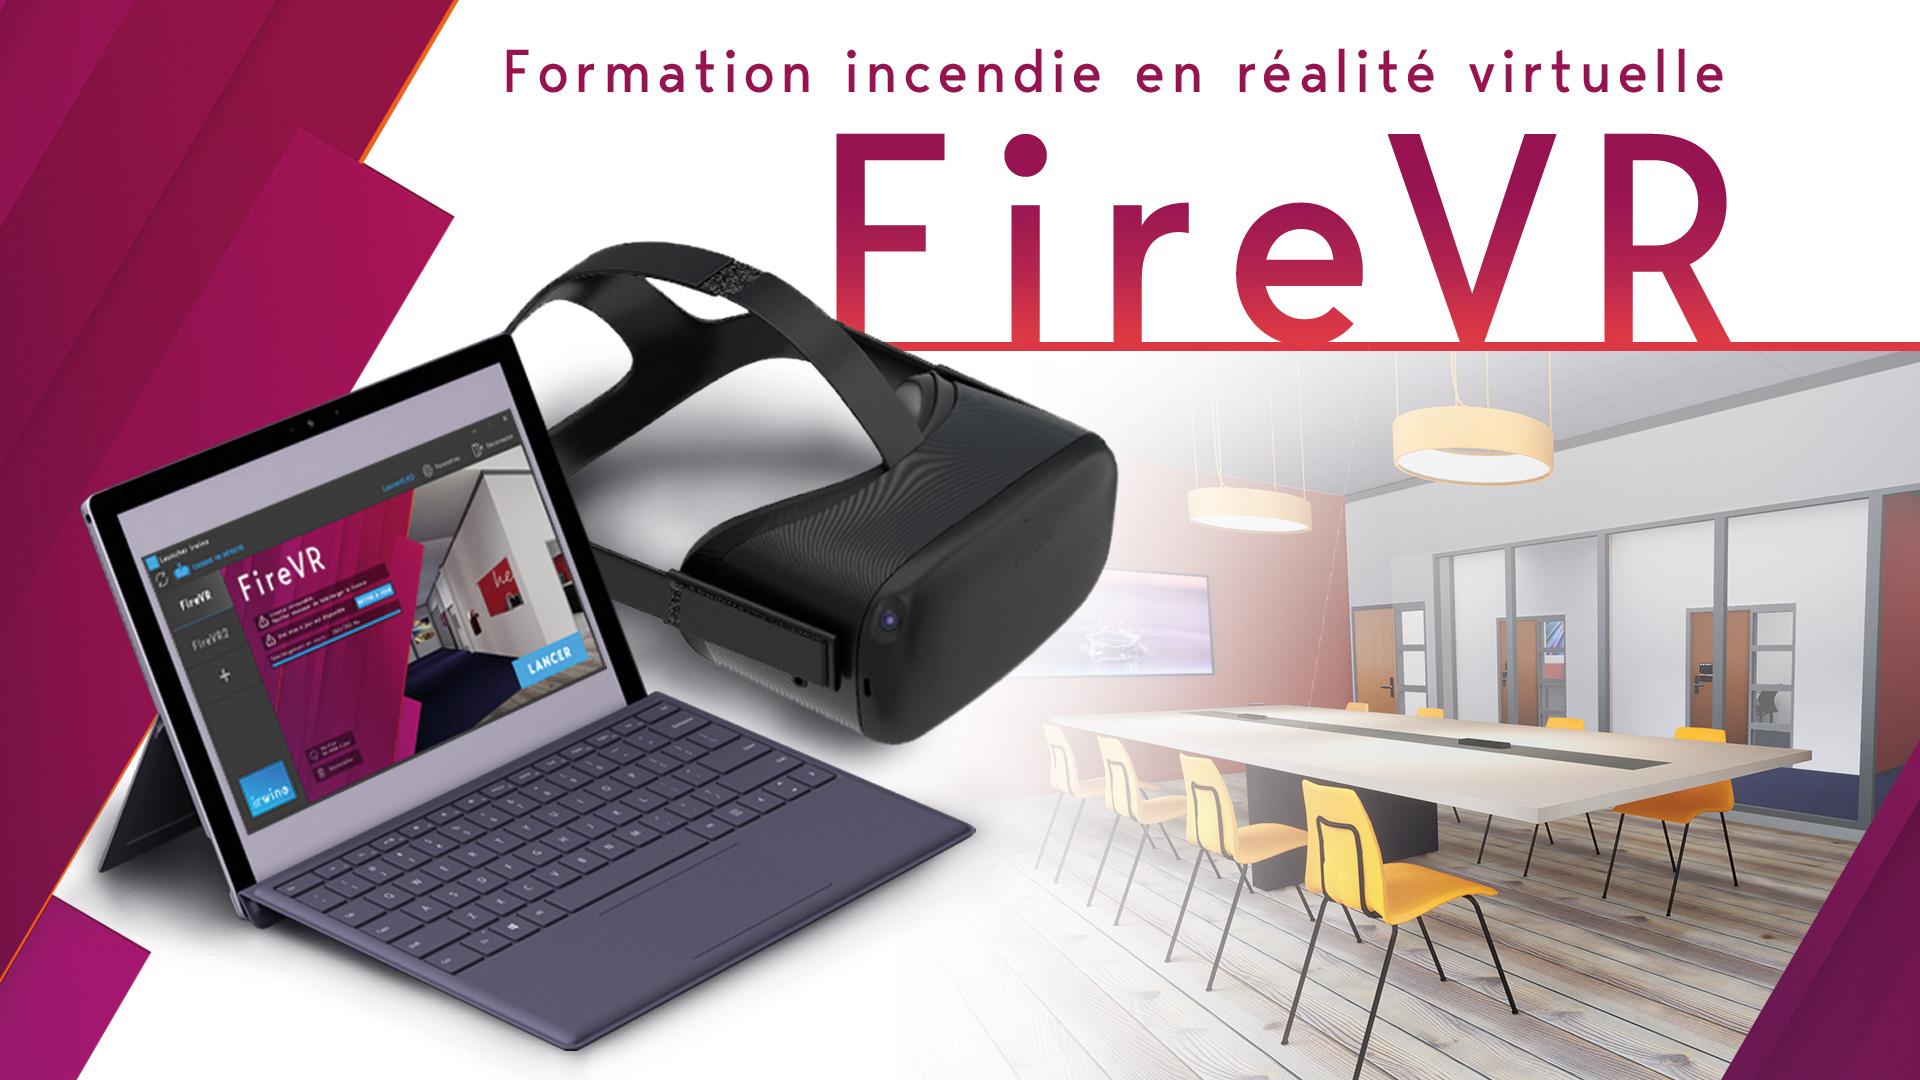 Fire VR, simulateur incendie virtuel, formation sécurité incendie, réalité virtuelle, en entreprise